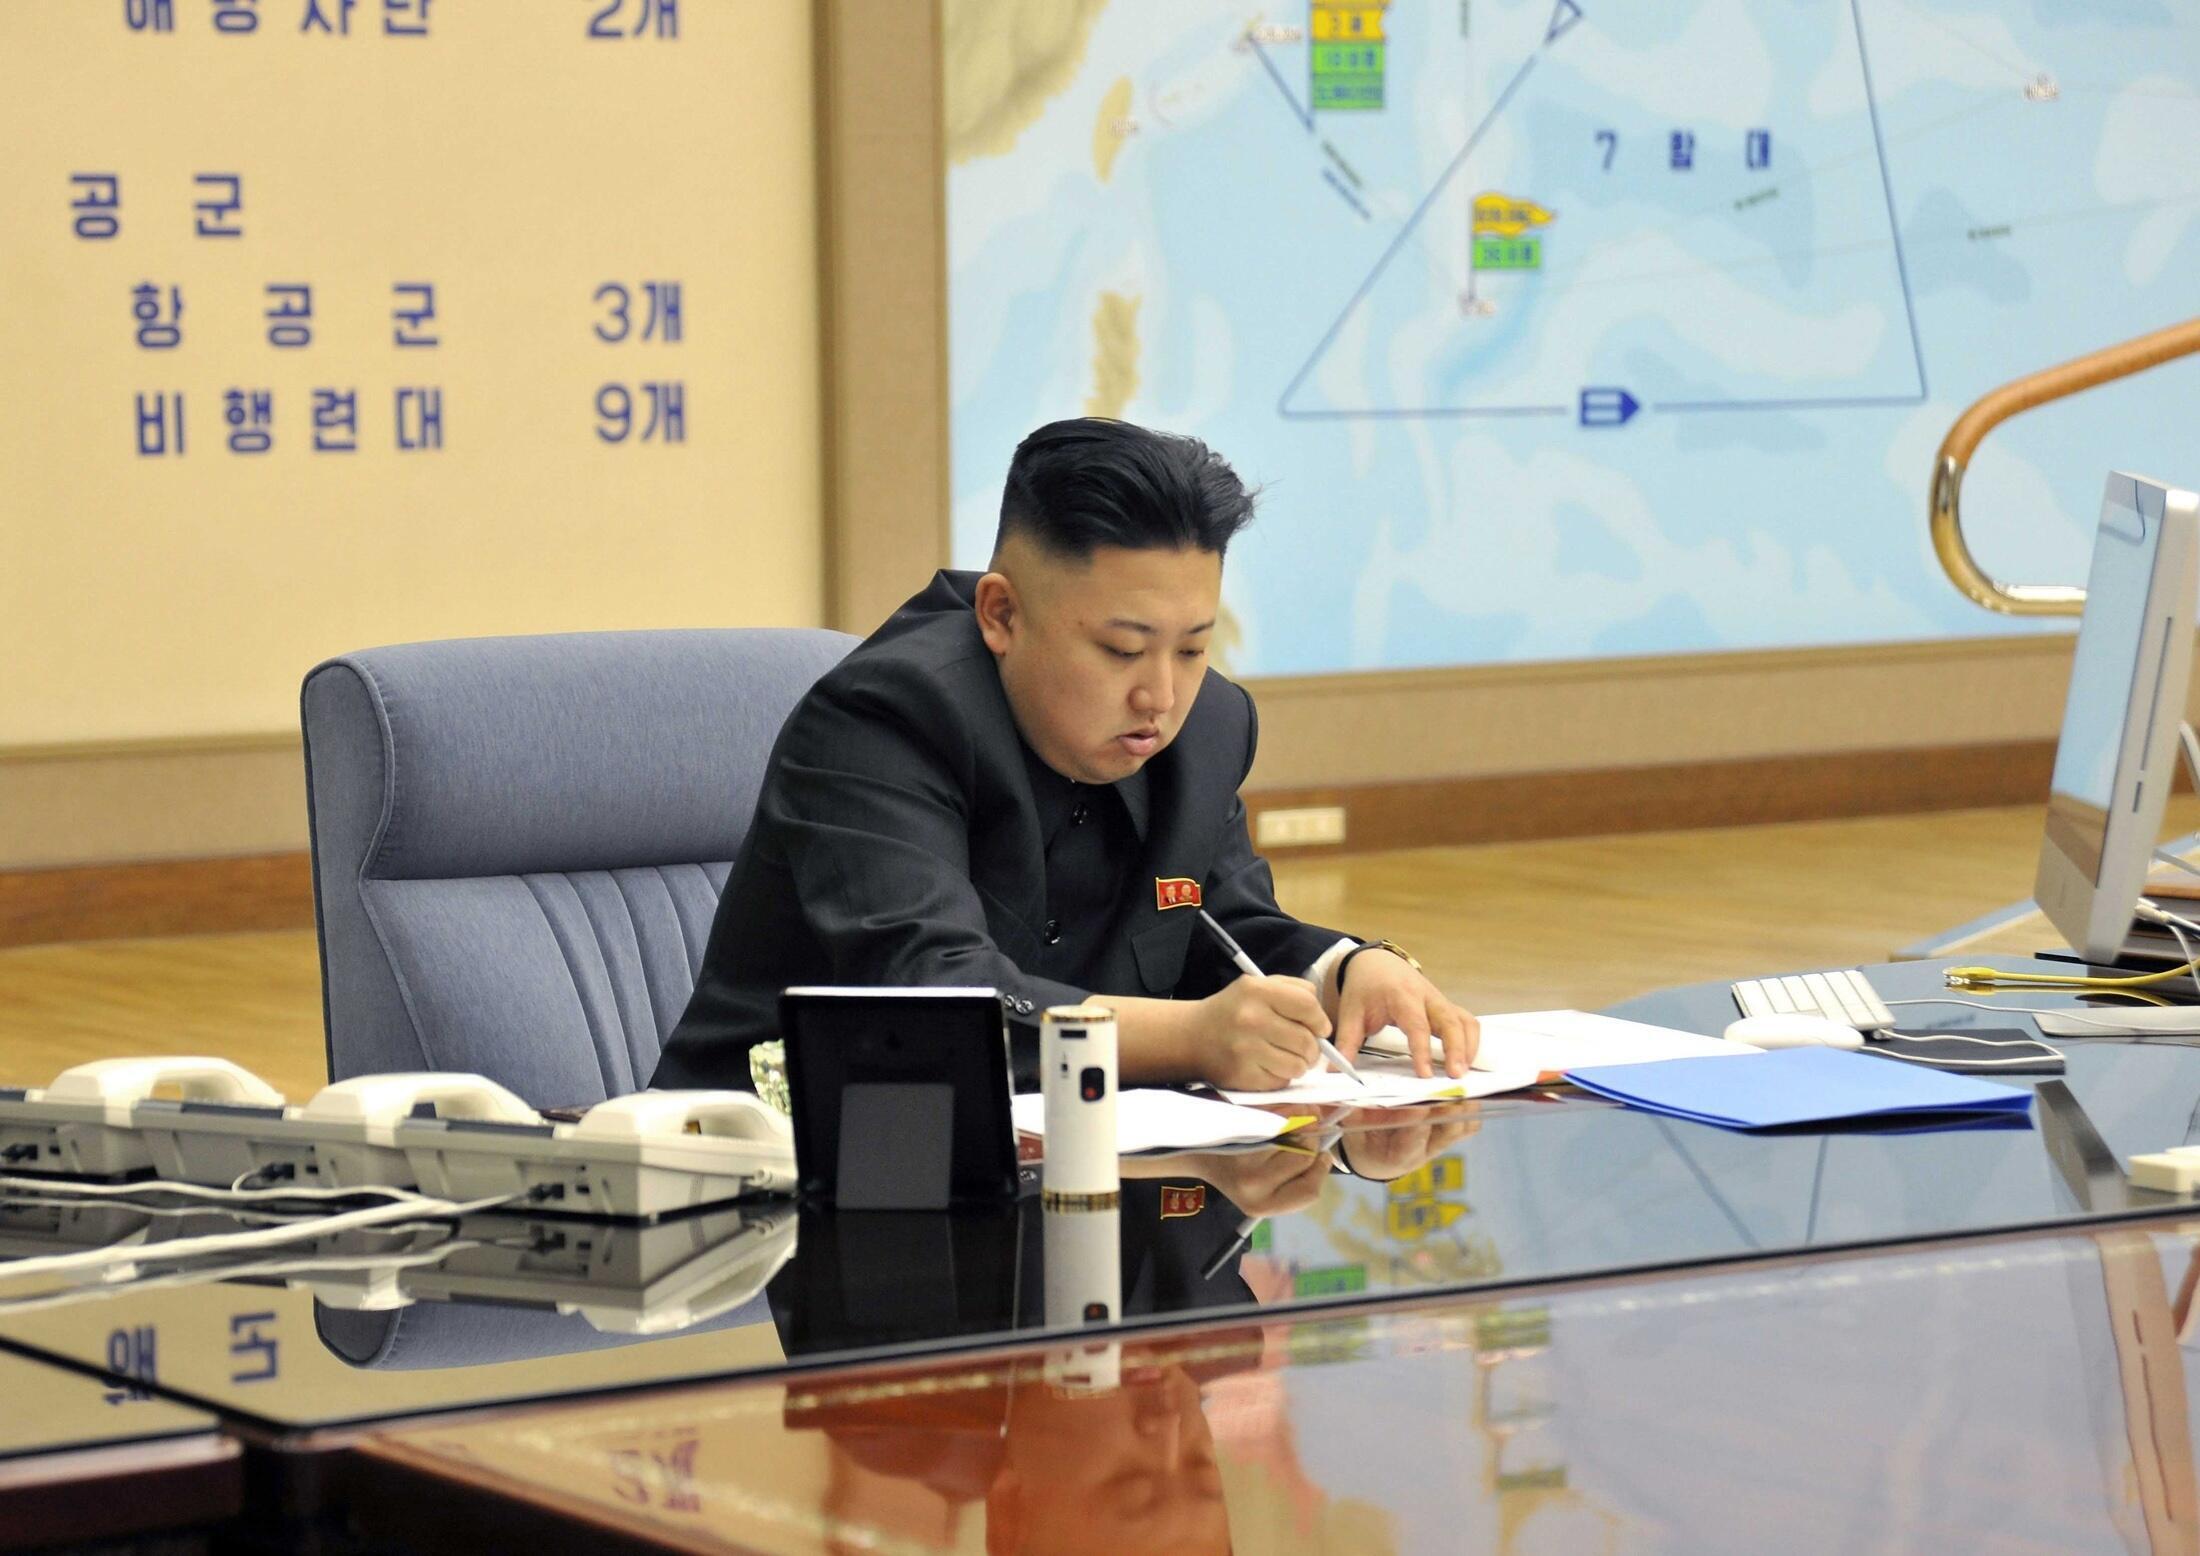 Lãnh đạo Bình Nhưỡng Kim Jong-un. Ảnh do KCNA cung cấp ngày 29/03/2013.